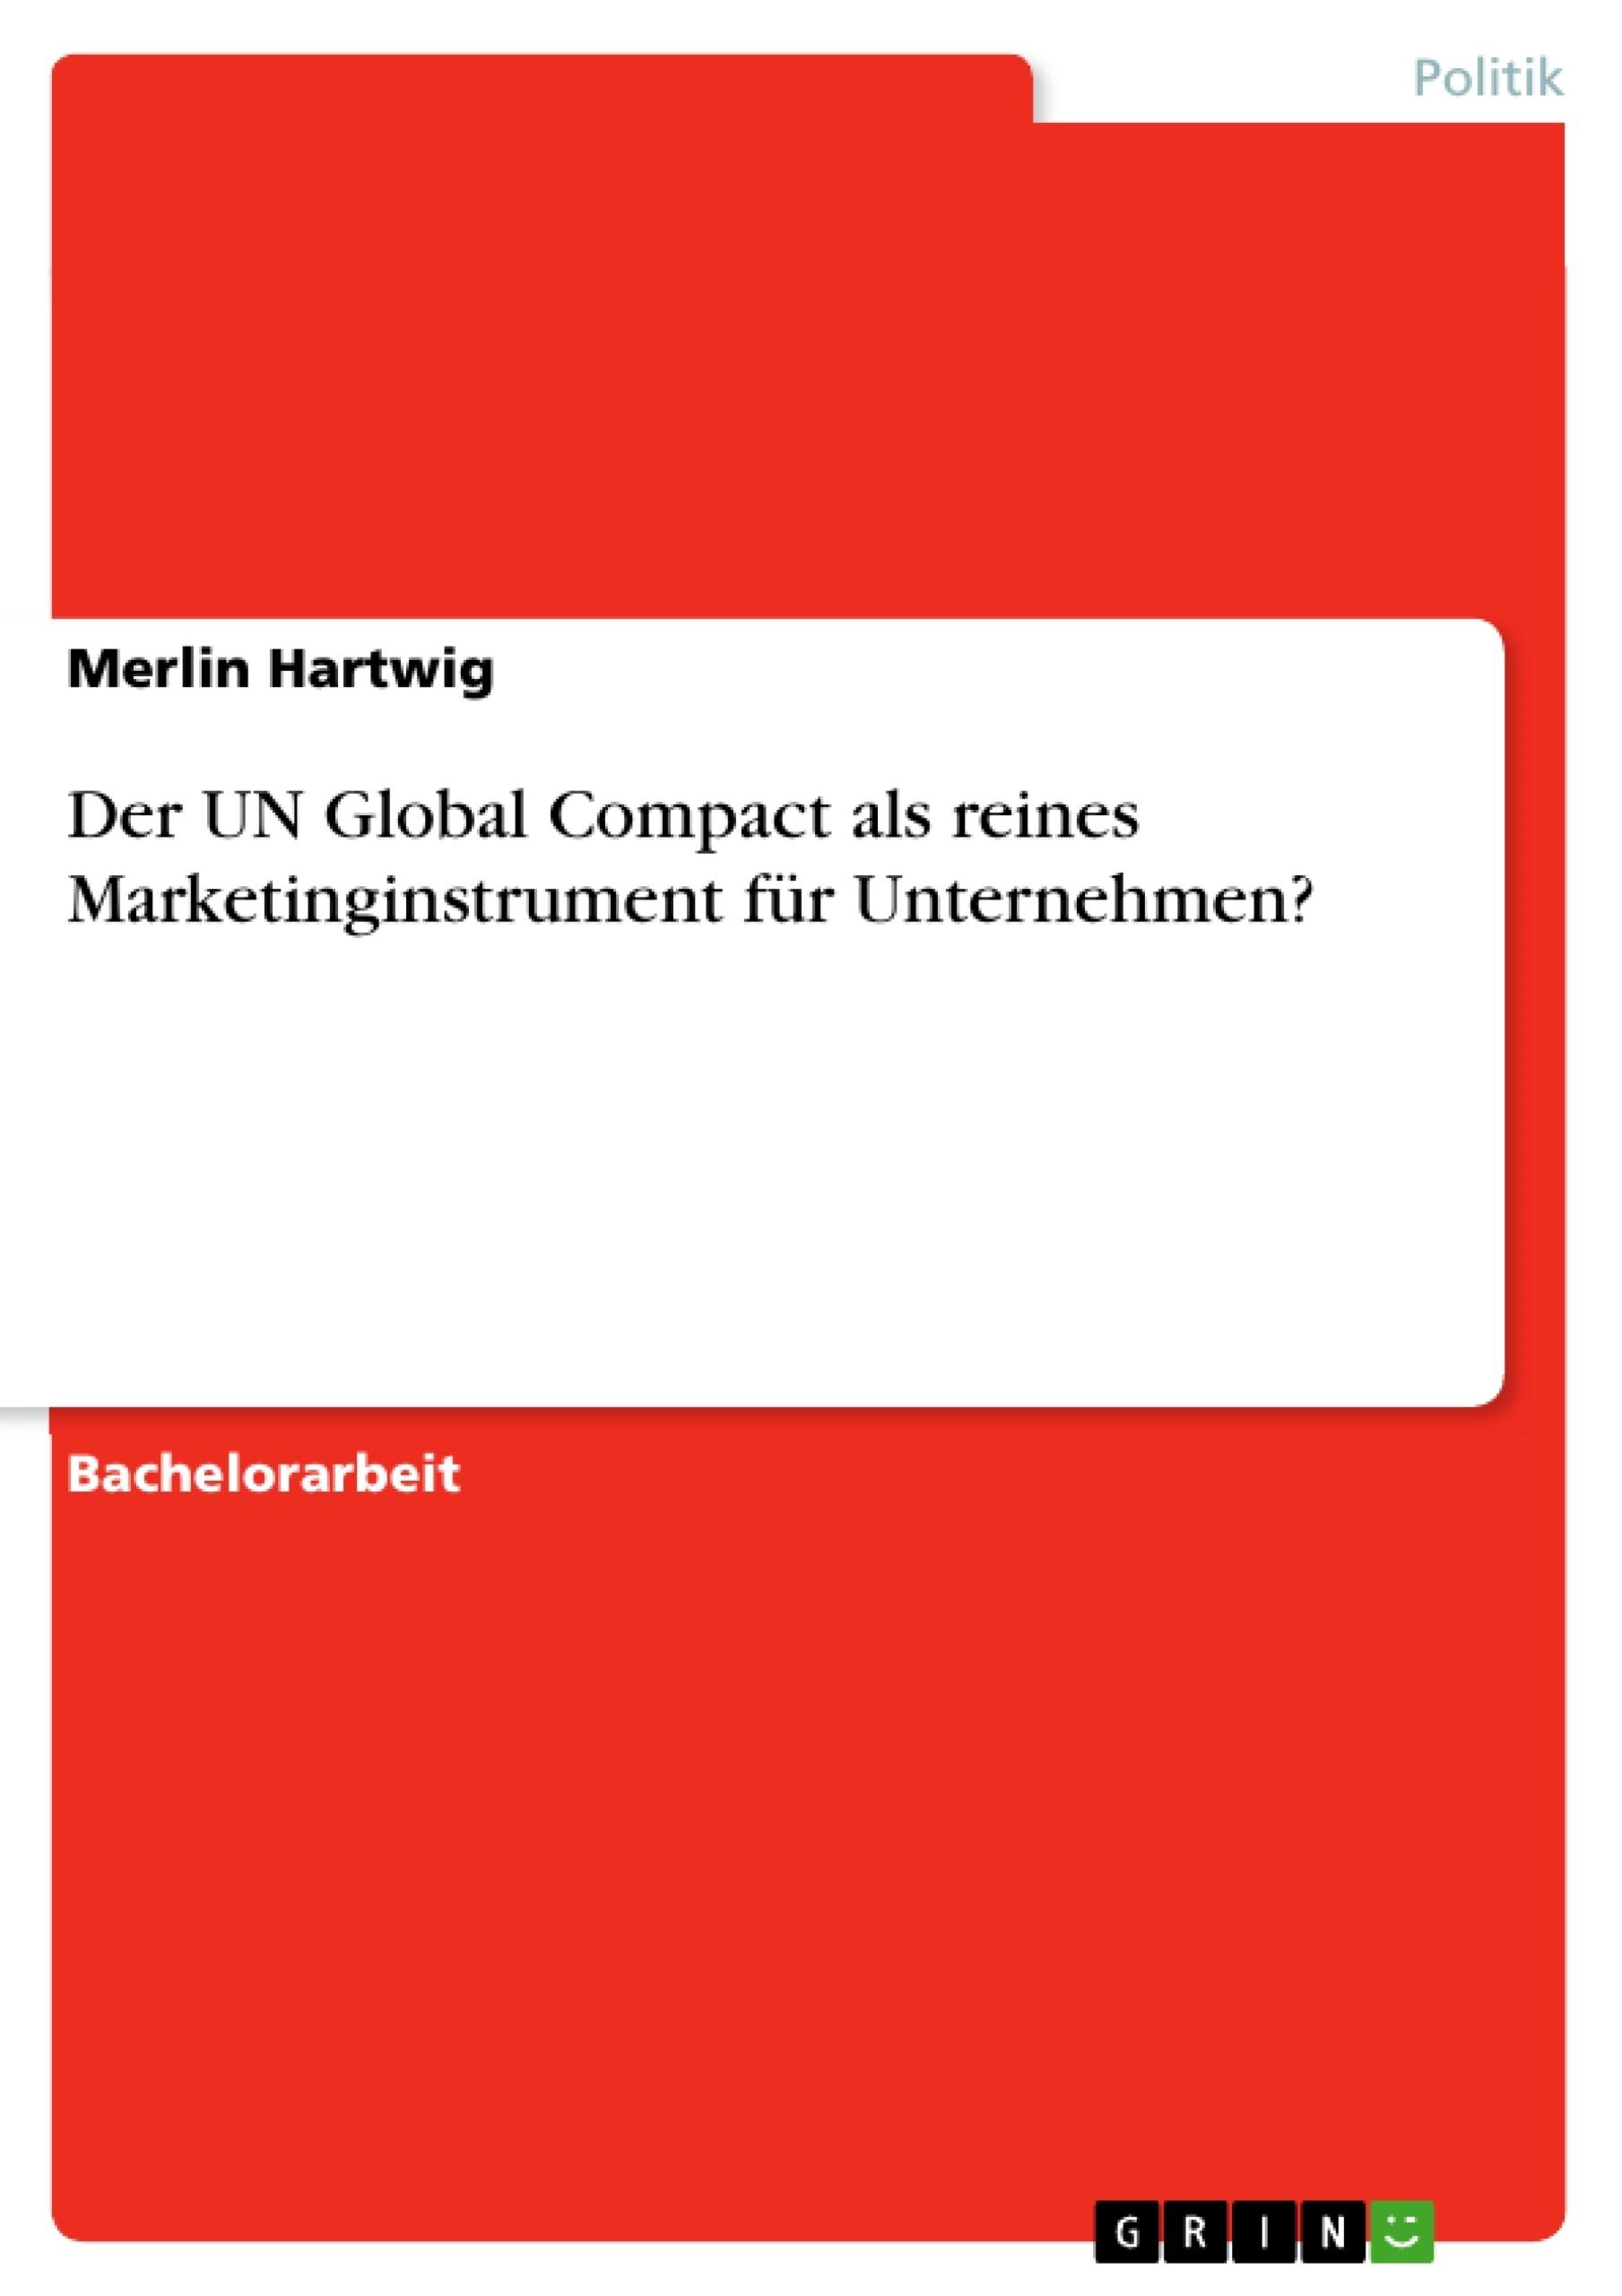 Titel: Der UN Global Compact als reines Marketinginstrument für Unternehmen?